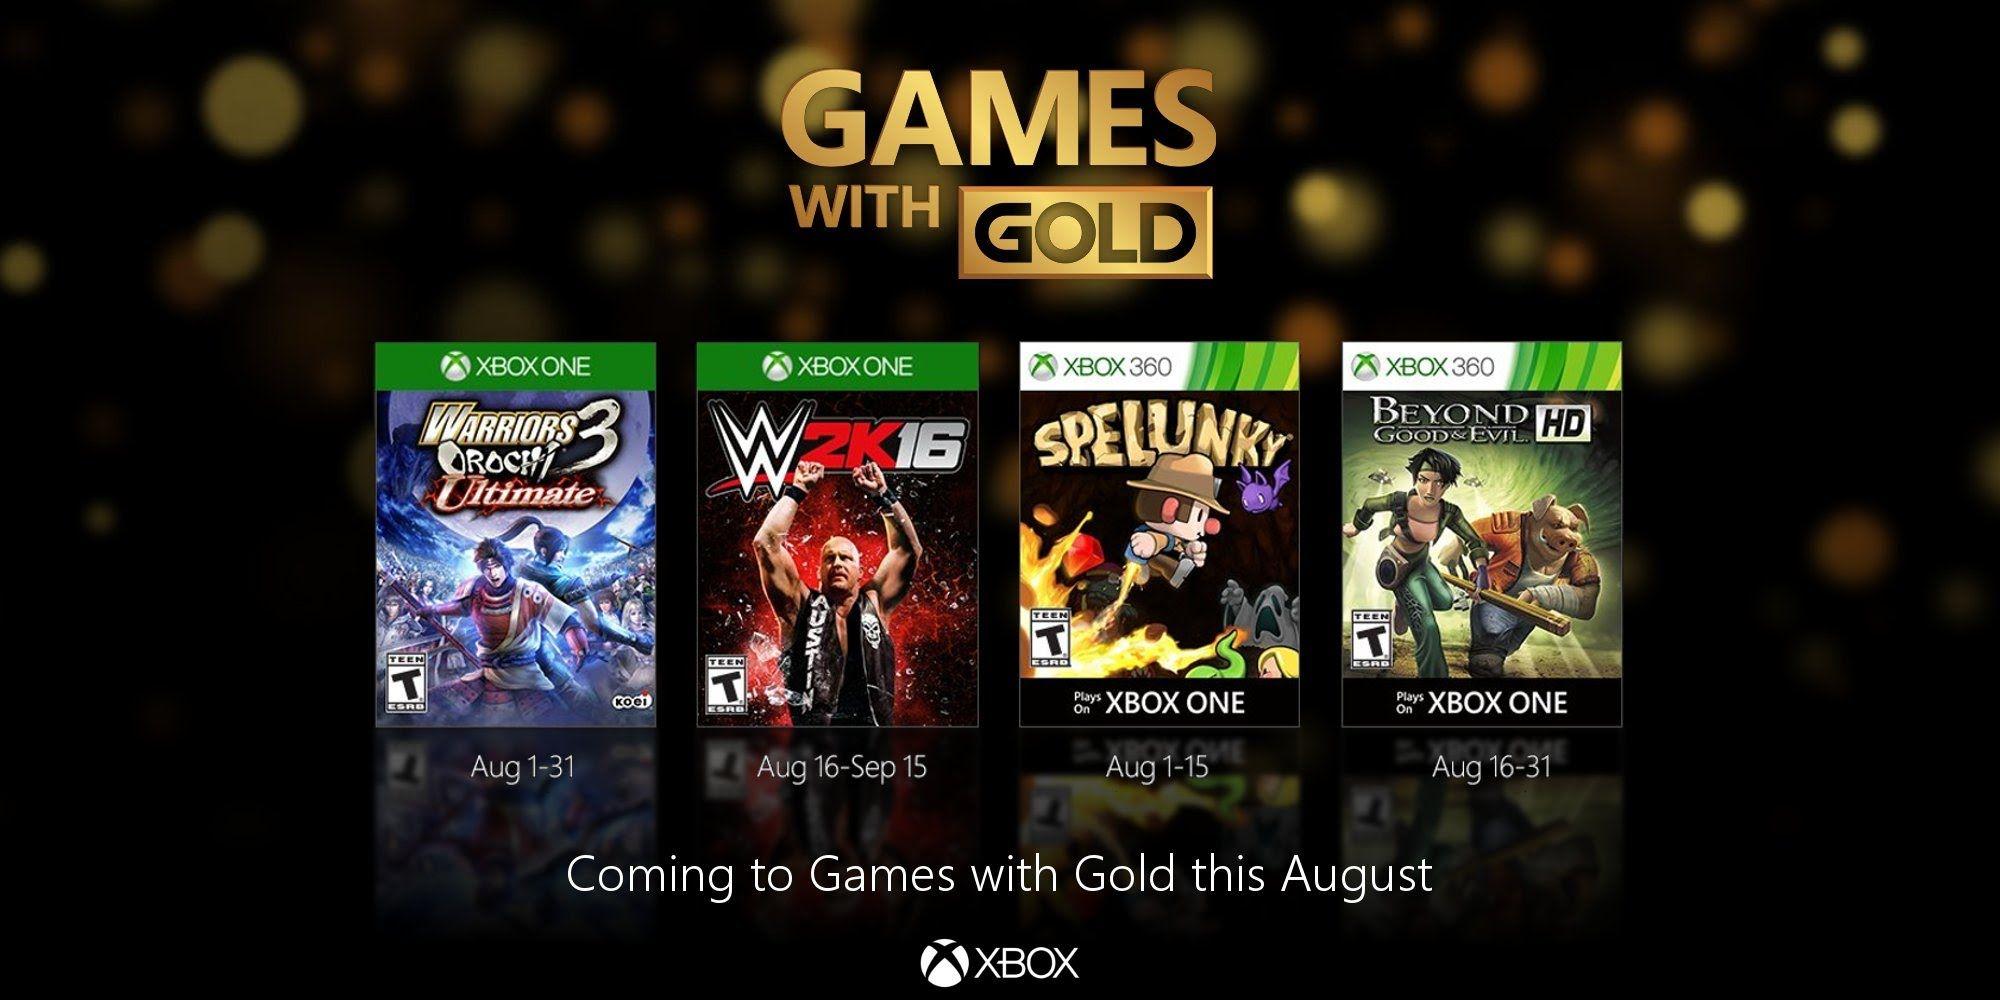 Juegos Con Gold Xbox One Y Xbox 360 Agosto 2016 Xbox One Juegos Xbox